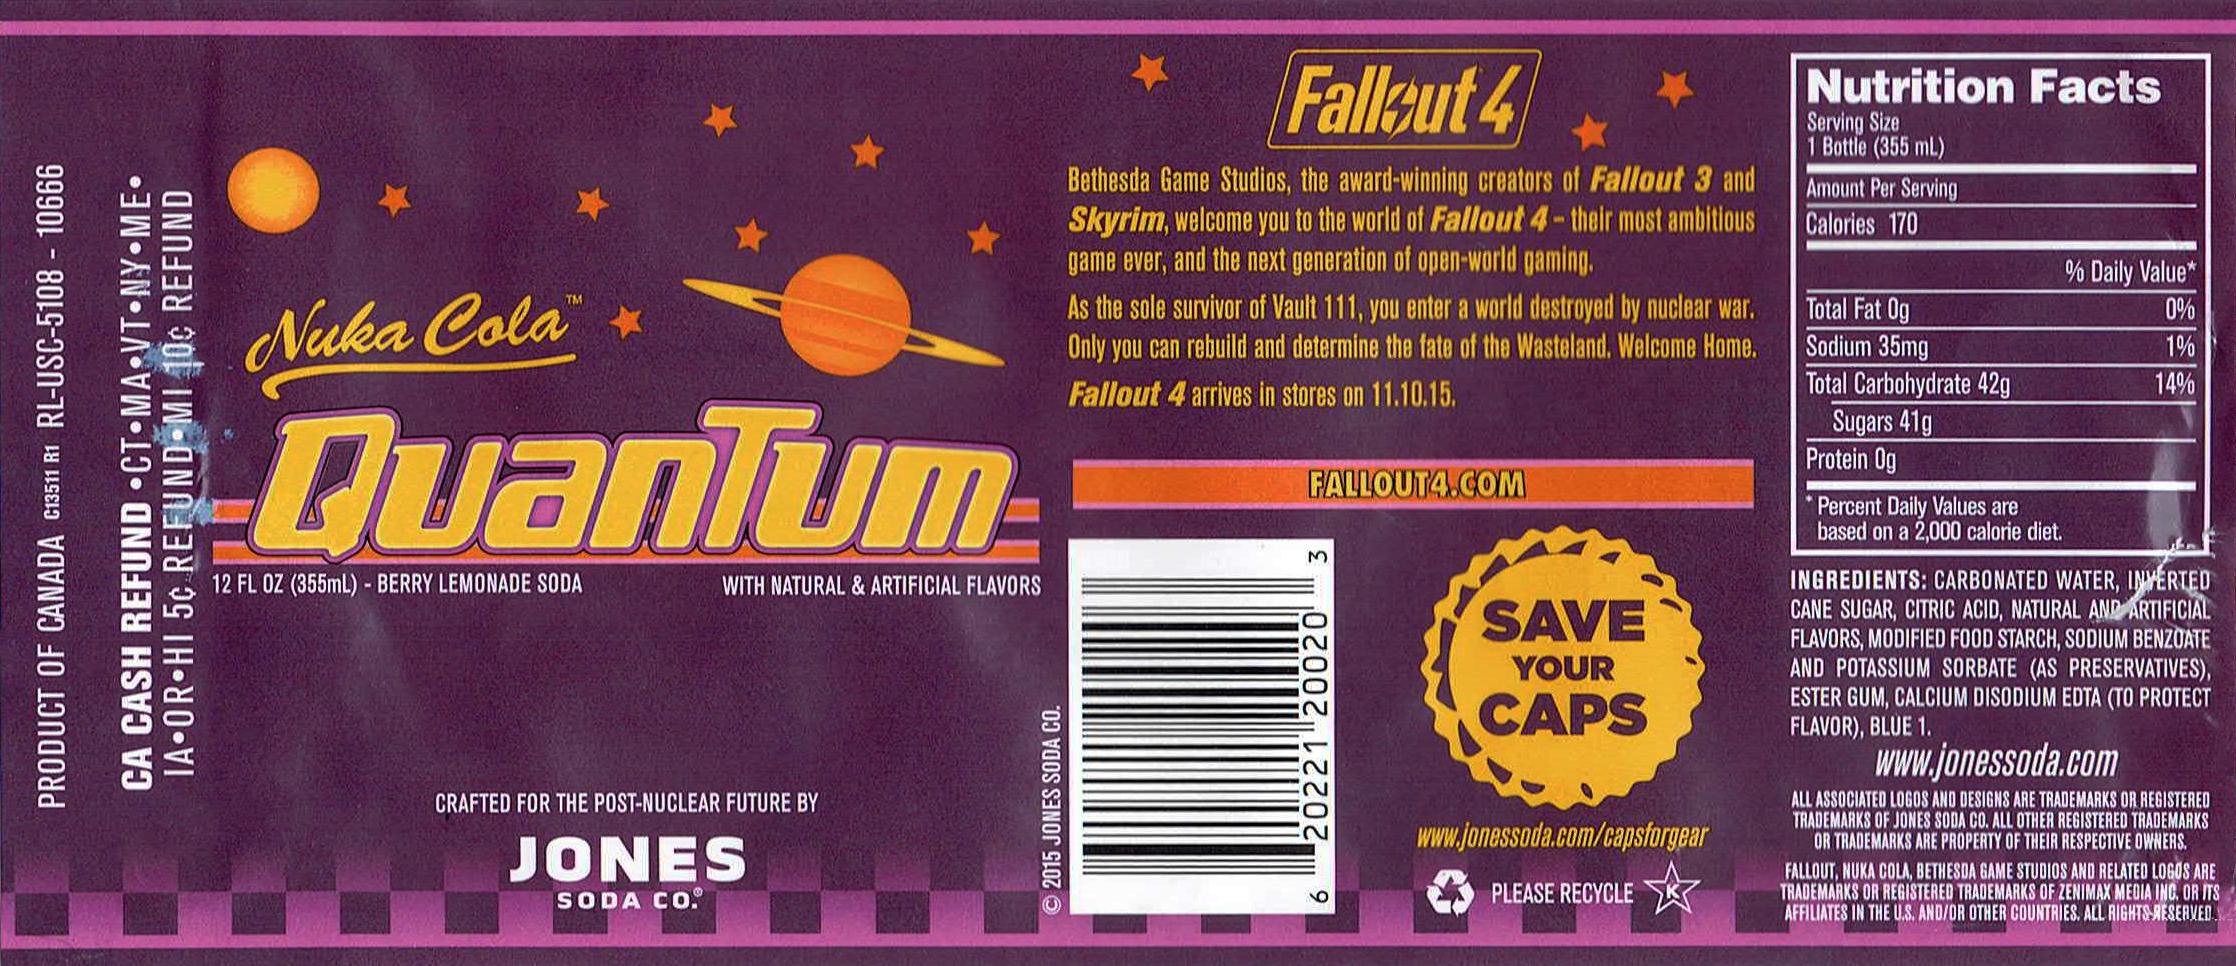 Jones Soda Nuka Cola Quantum Label Imgur 2236x966 Png Nuka Cola Quantum Cola Nuka Cola Label